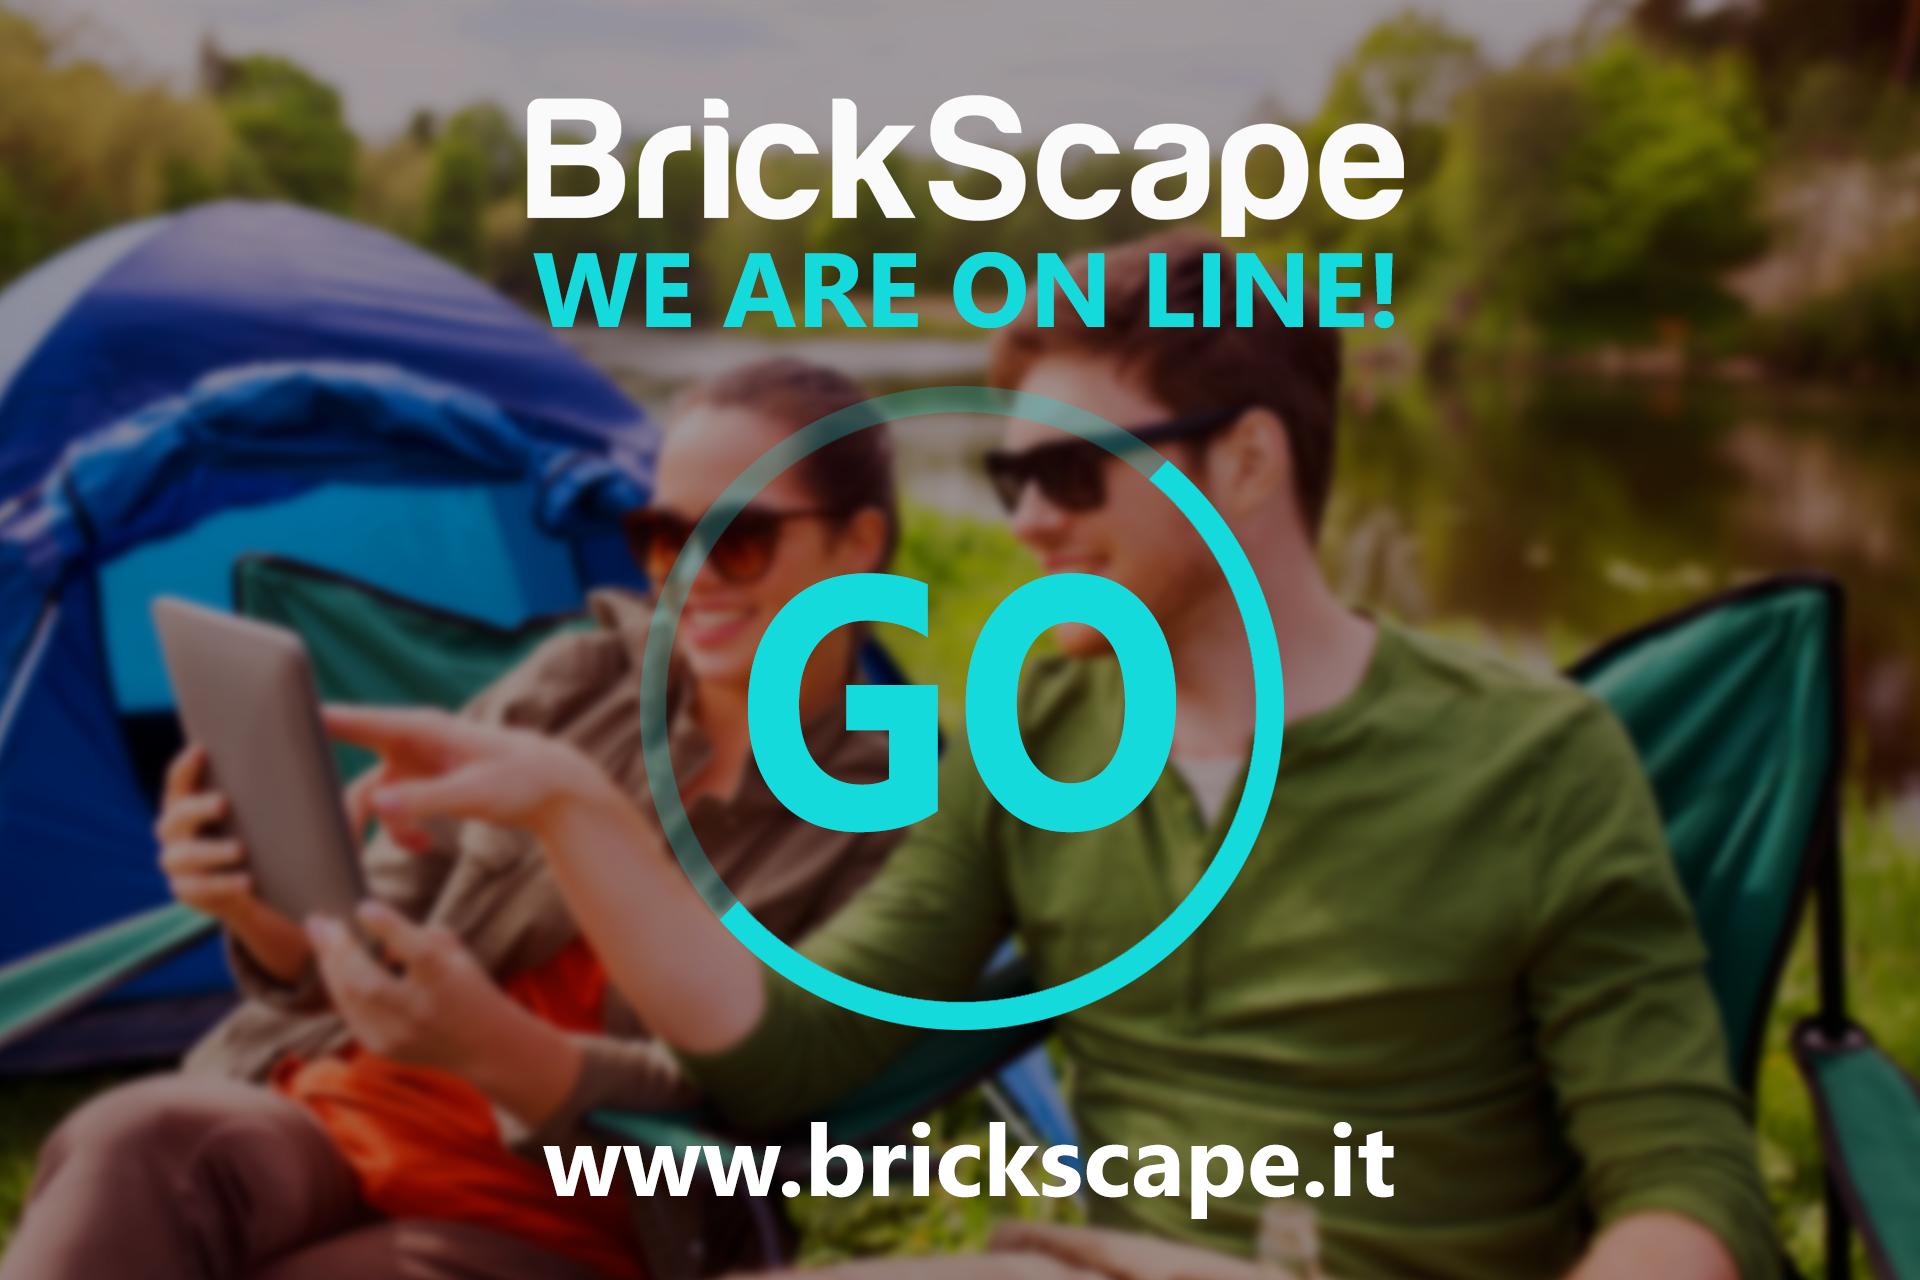 Brickscape il motore di ricerca di Turismo Esperienziale che mancava